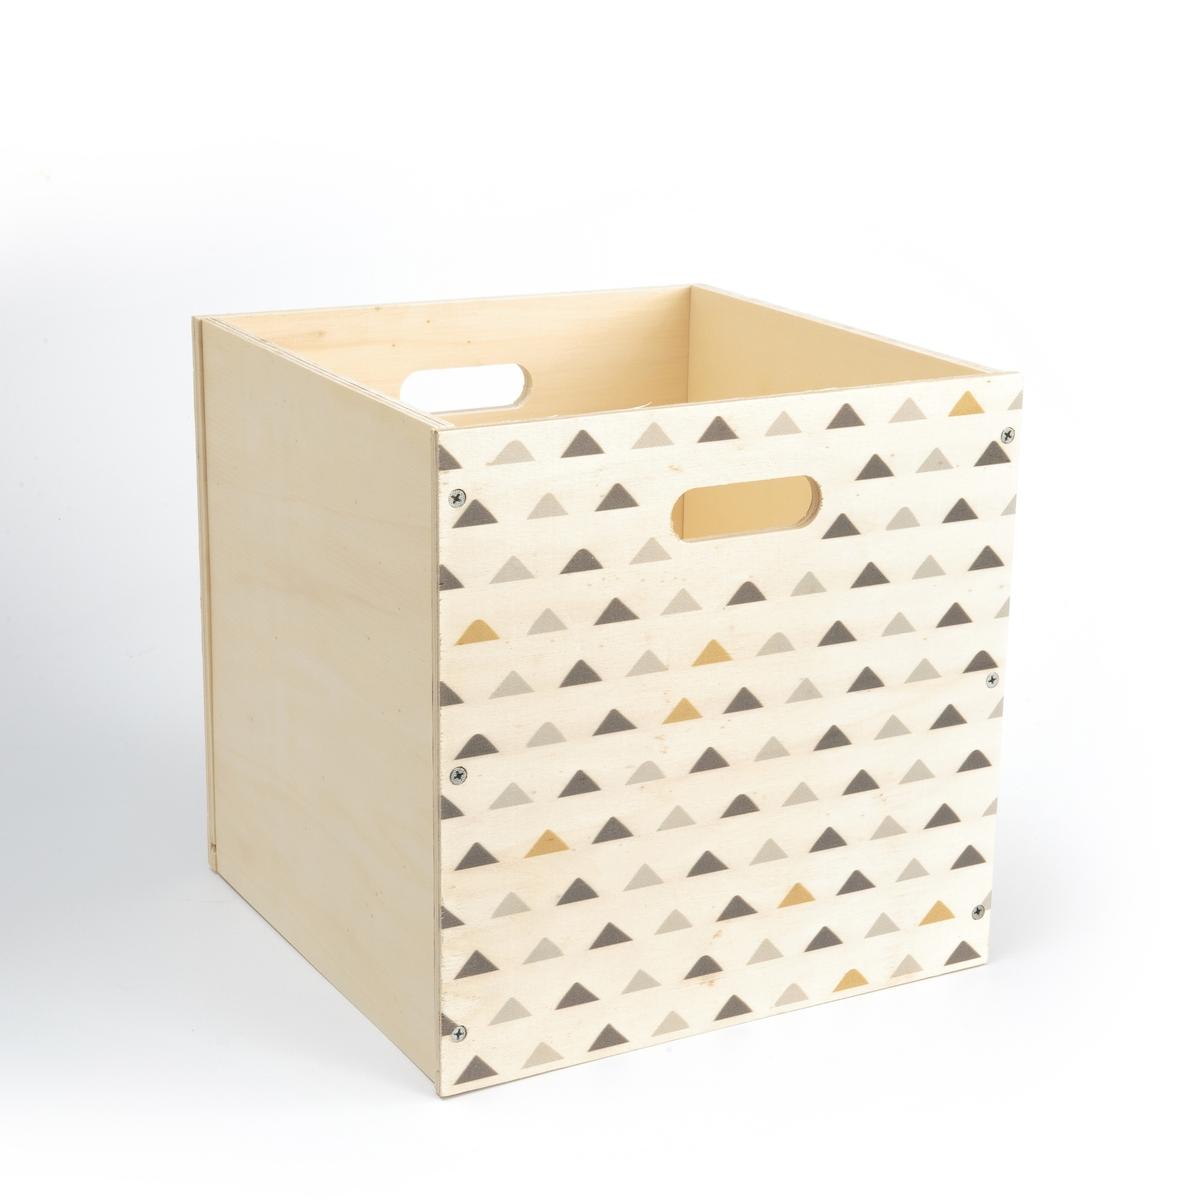 Ящик для хранения VIDZEN [супермаркет] джингдонг грин серия тростника zakka твердого дерева ящик для хранения с замком небольшой деревянный старый цвет дерева